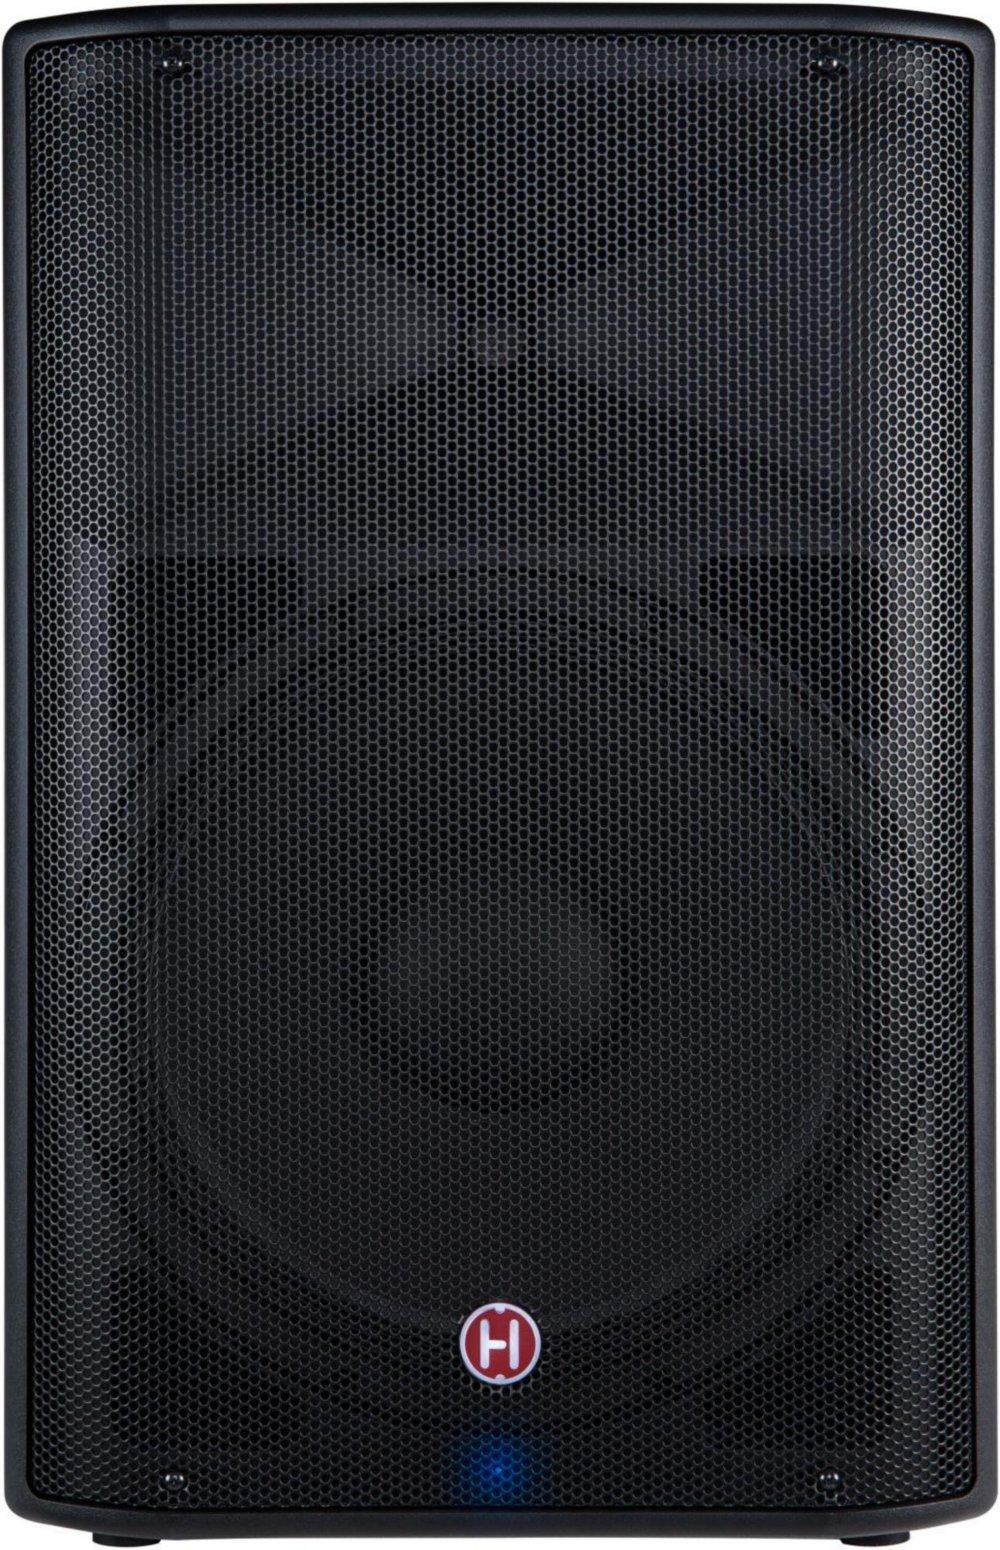 Harbinger Vari V2215 600W 15-Inch Two-Way Class D Loudspeaker by Harbinger